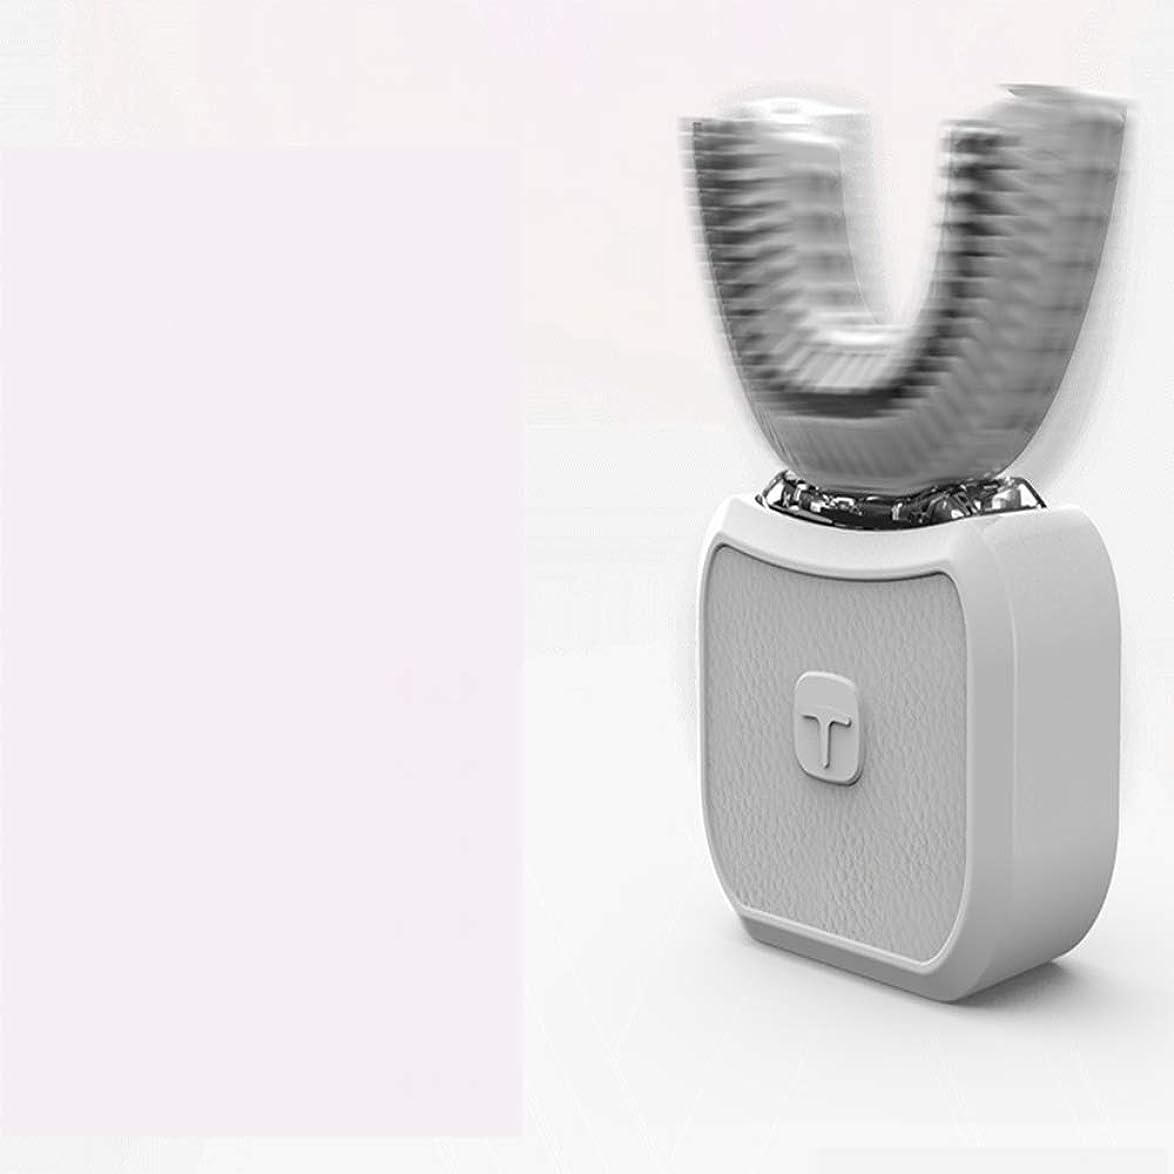 テニス校長飢饉自動歯ブラシ、全角360度、歯の汚れを落とし、歯を白くし、歯の健康を守る電動歯ブラシ,Grey